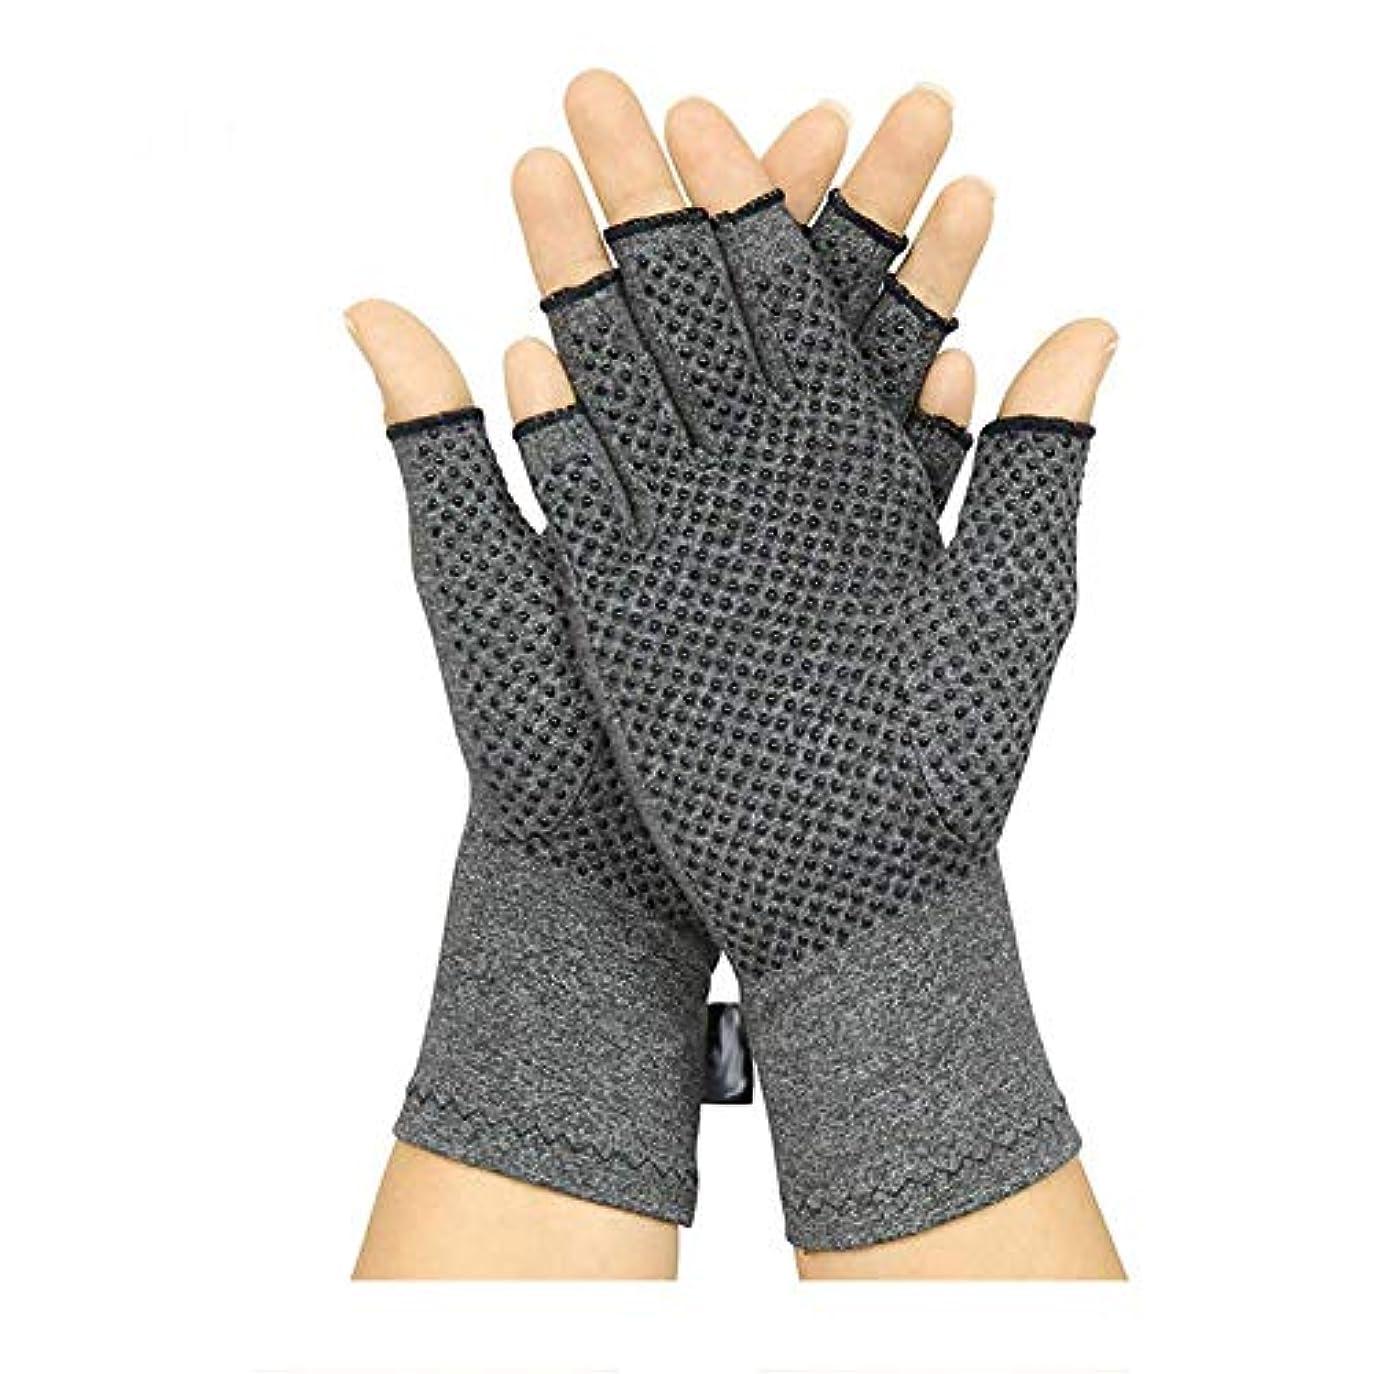 殺します刑務所フィヨルド関節炎手指圧迫手袋、半指手袋、関節炎の関節の痛みの軽減の毎日の使用、男性と女性の手根管(1ペア)、M